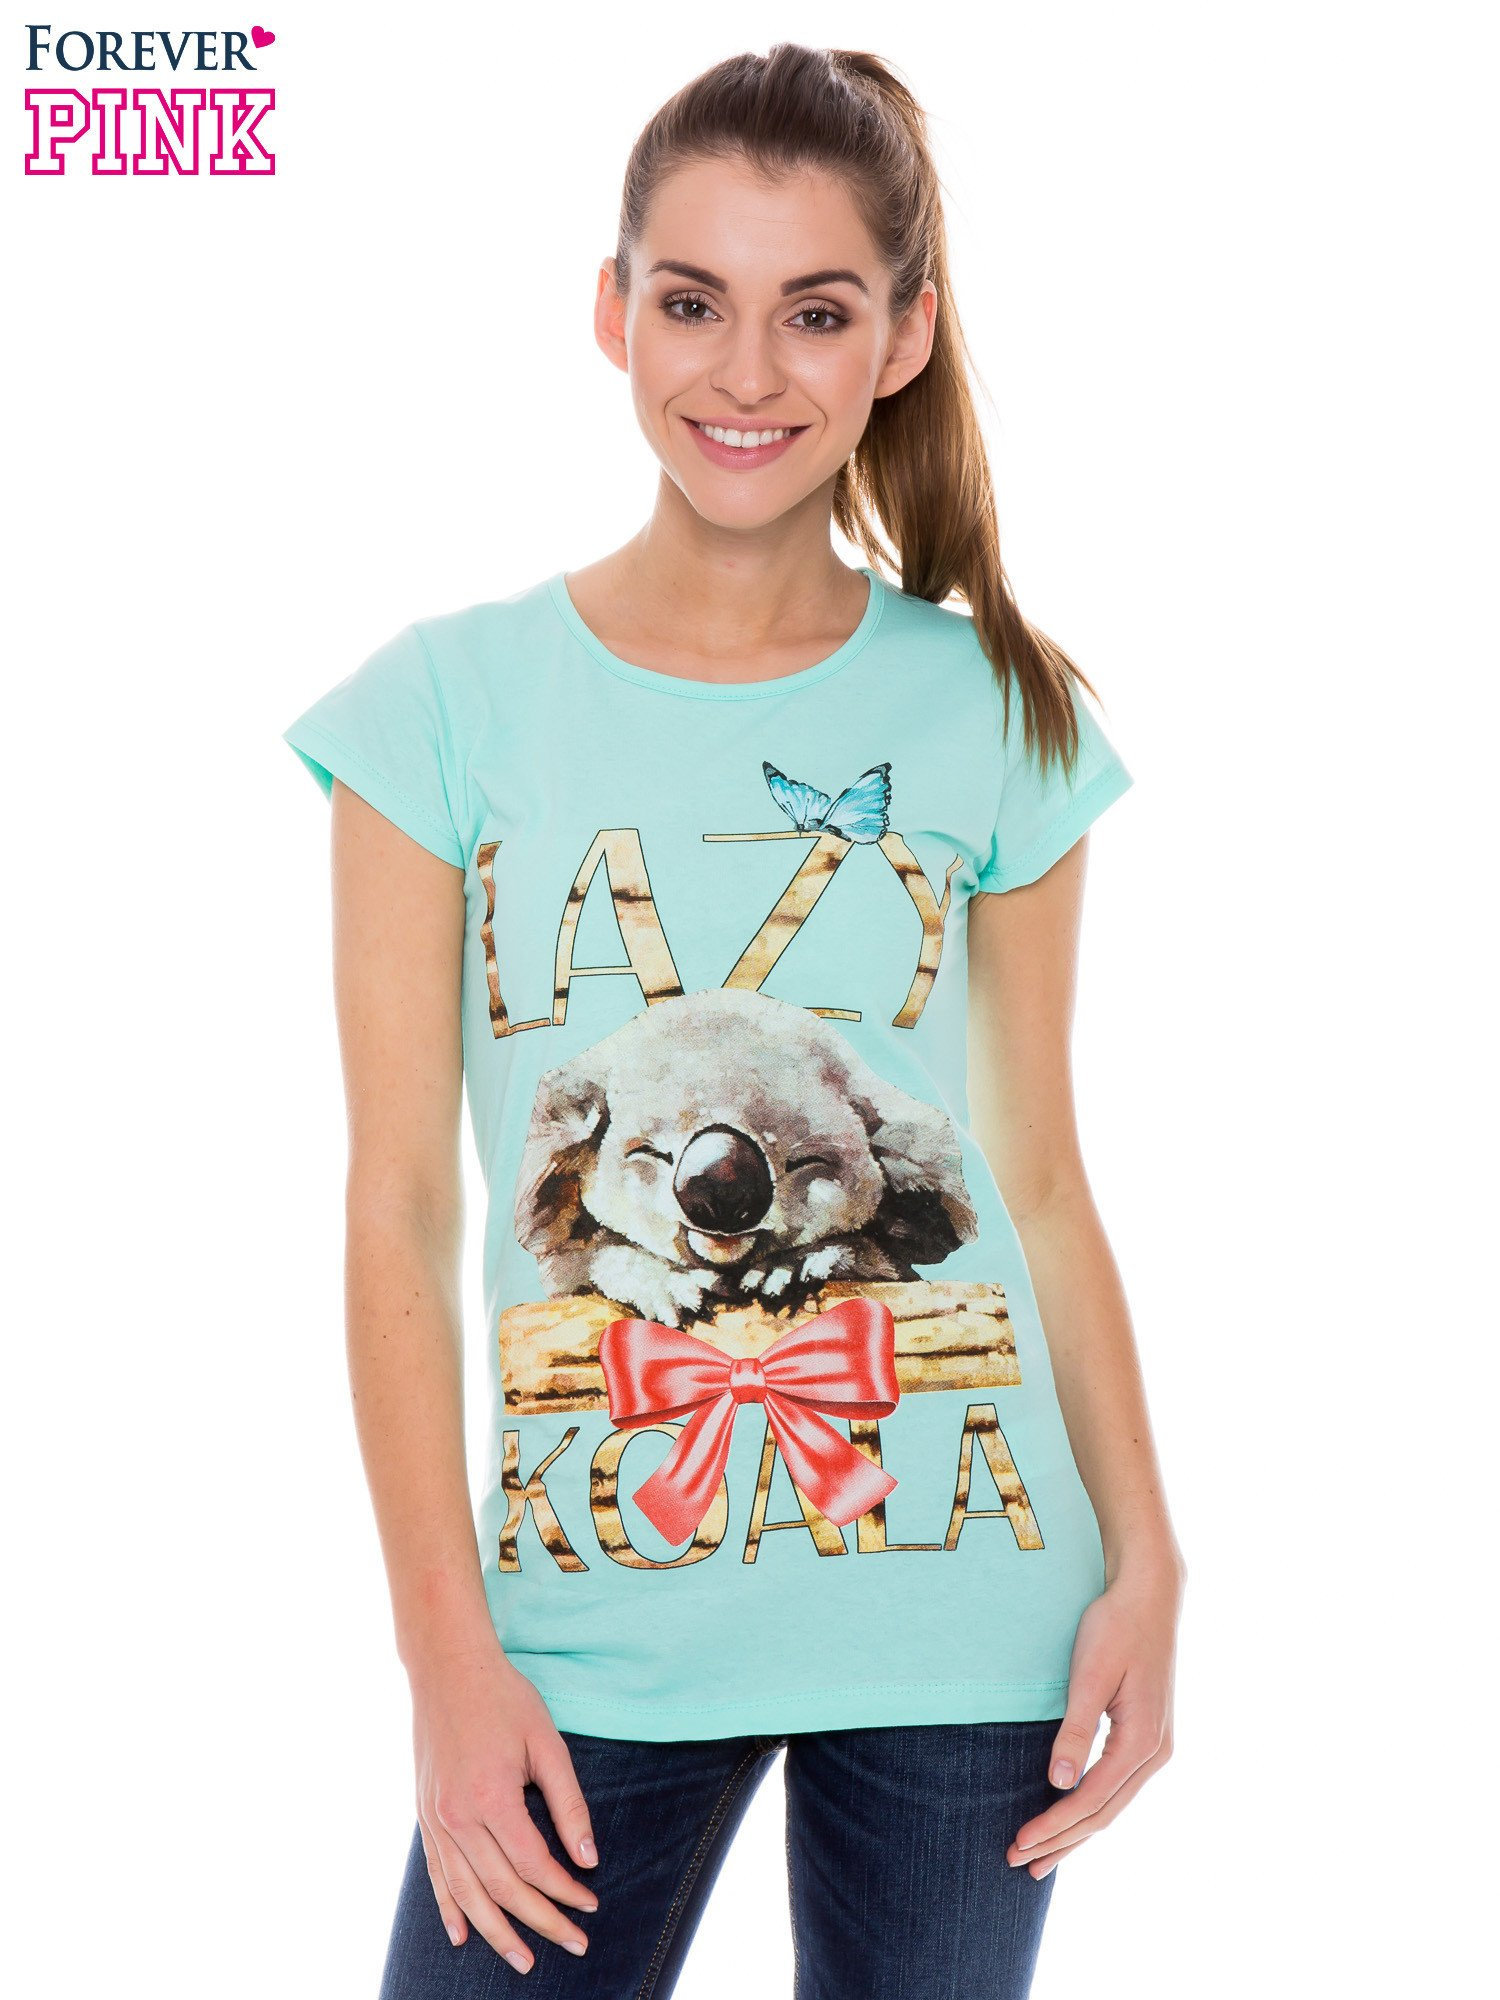 Jasnozielony t-shirt z nadrukiem LAZY KOALA                                  zdj.                                  1